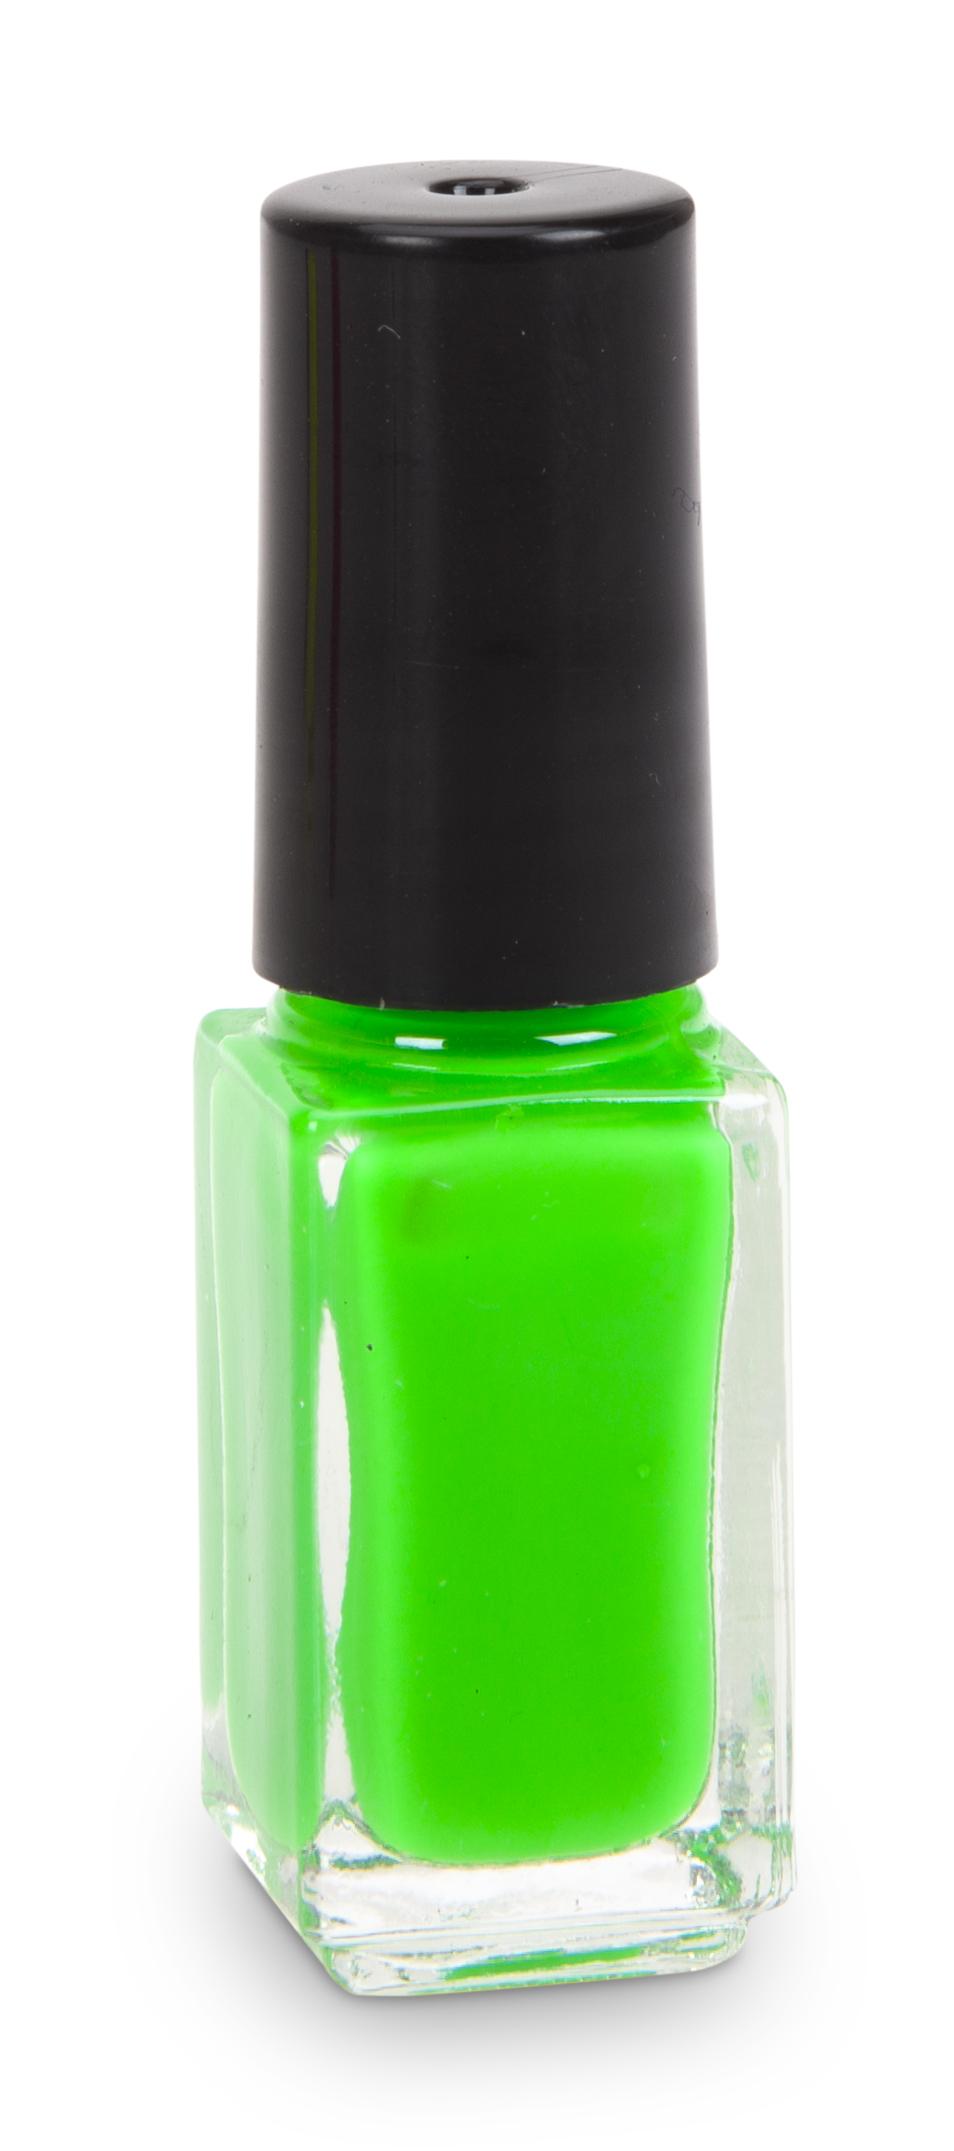 Značkovač Anaconda Line Marker - zelená